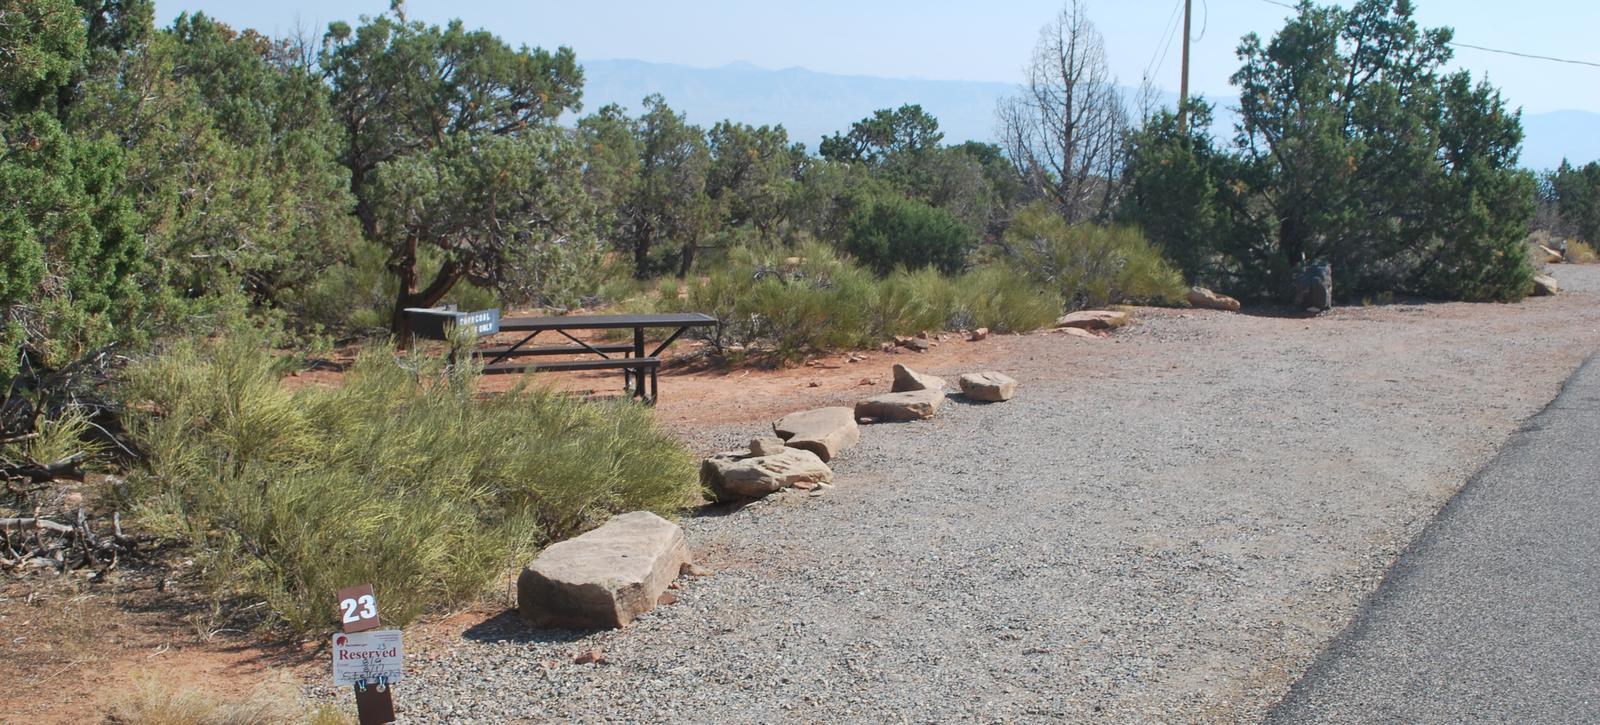 Loop B Site 23